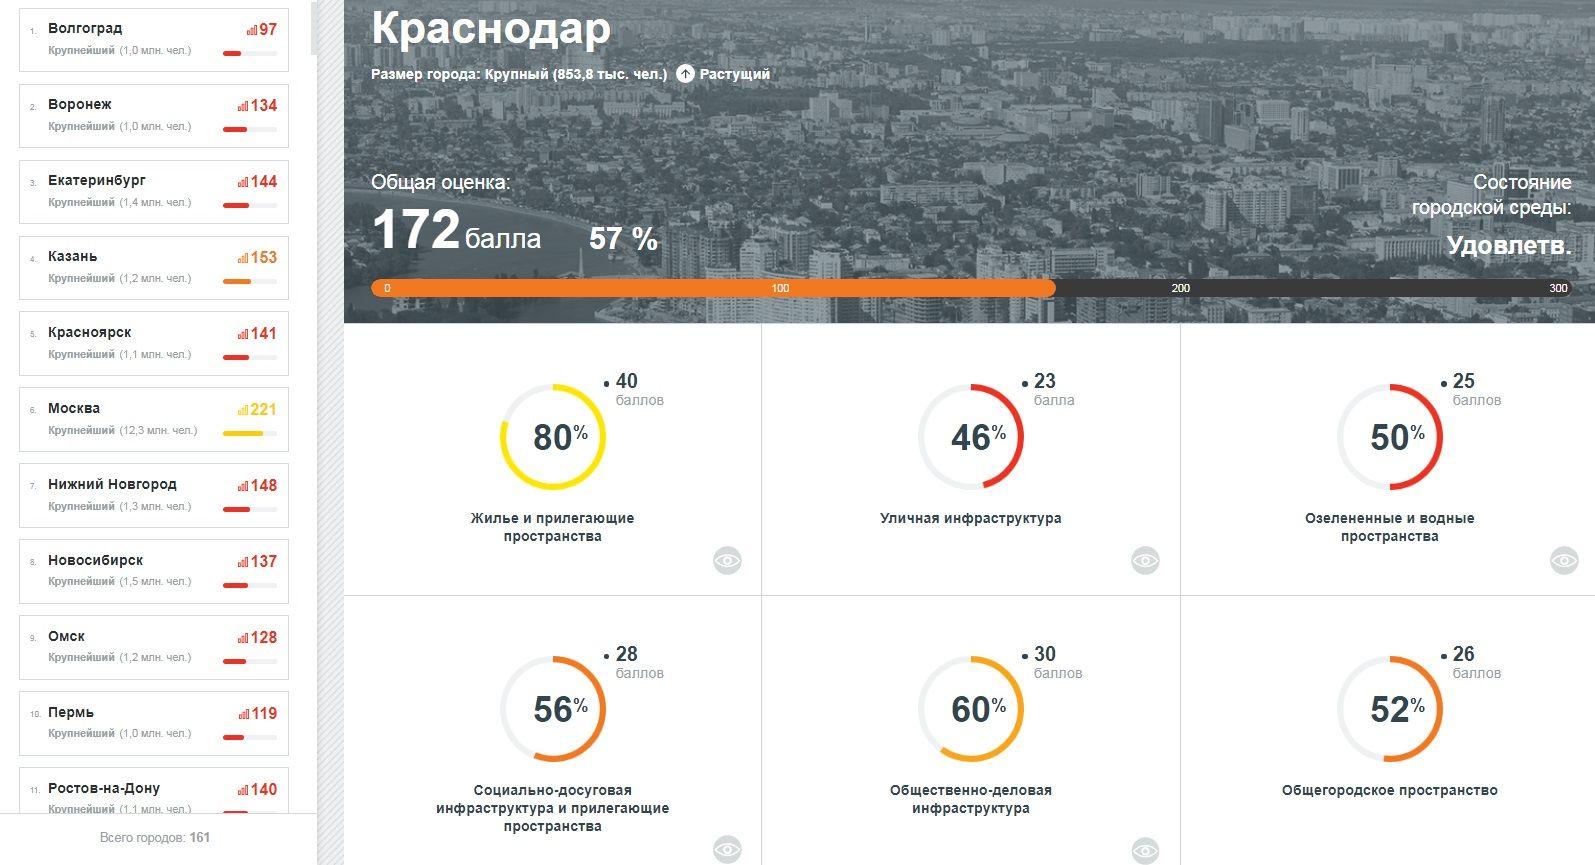 Индекс качества городской среды Краснодара ©http://индекс-городов.рф